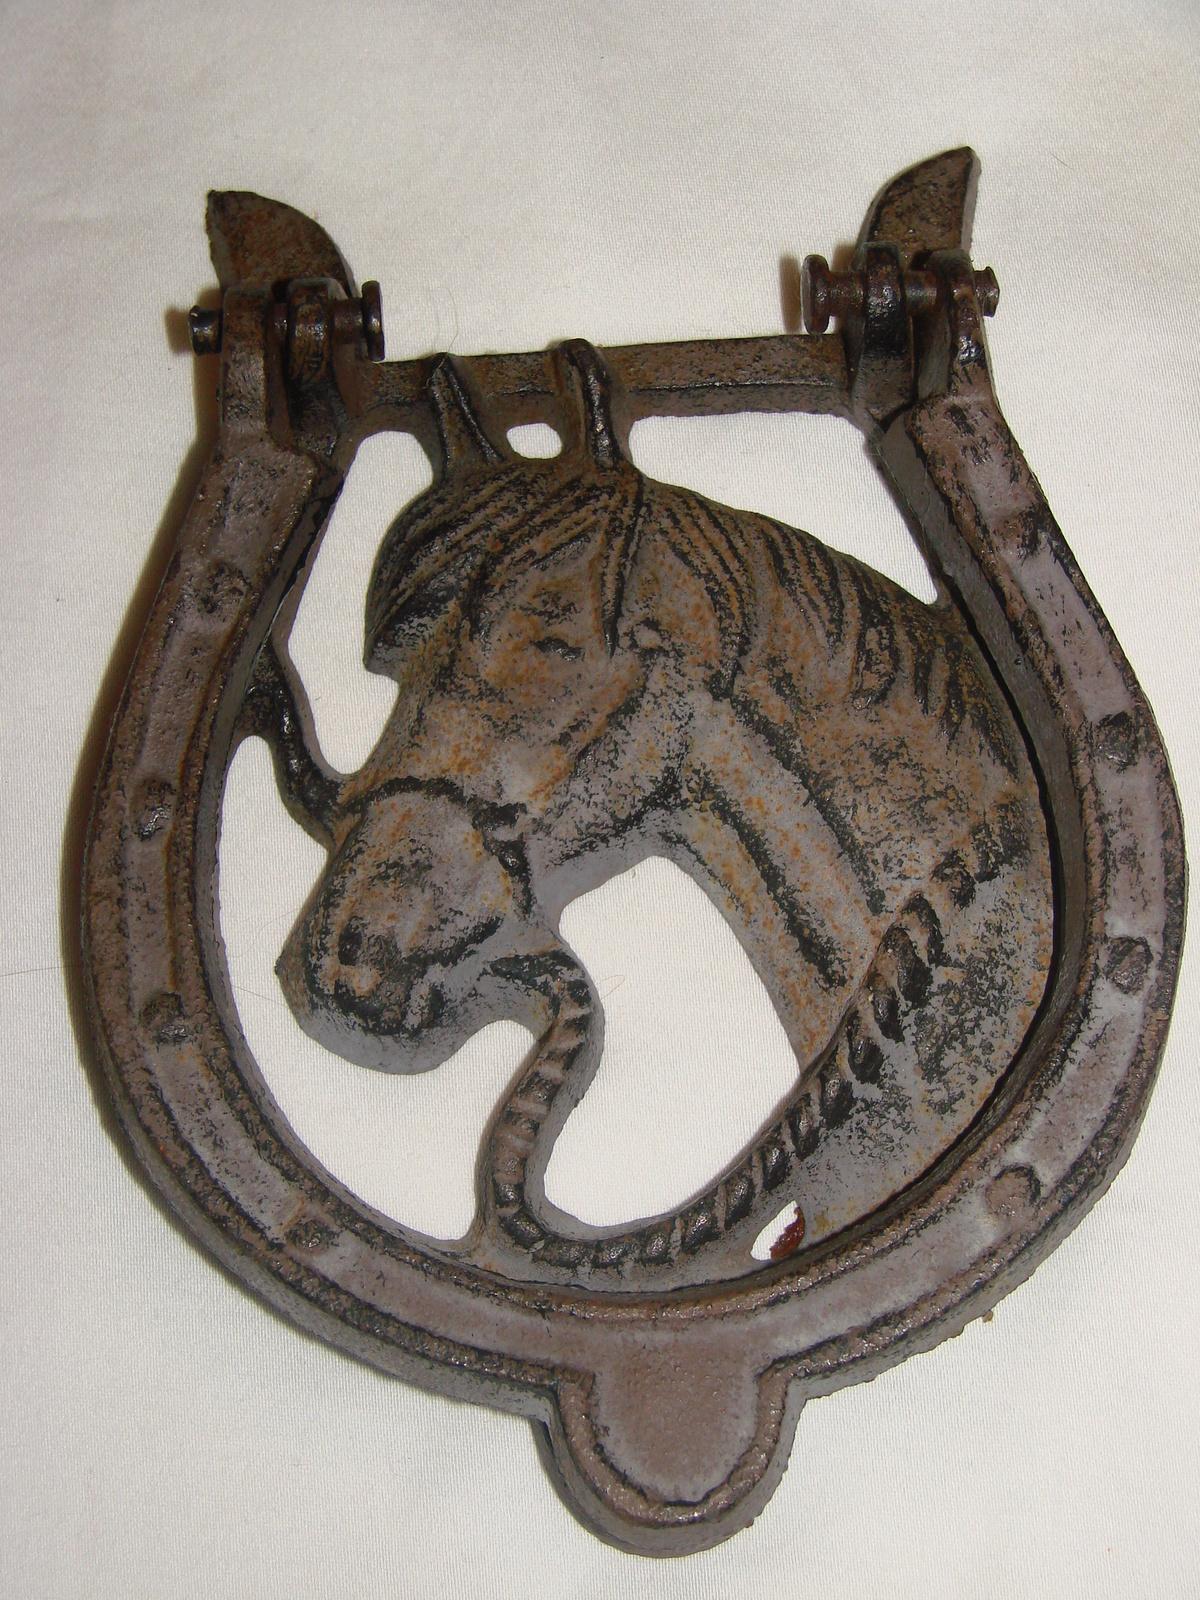 Horse horse shoe cast iron door knocker cast iron - Horse door knocker ...